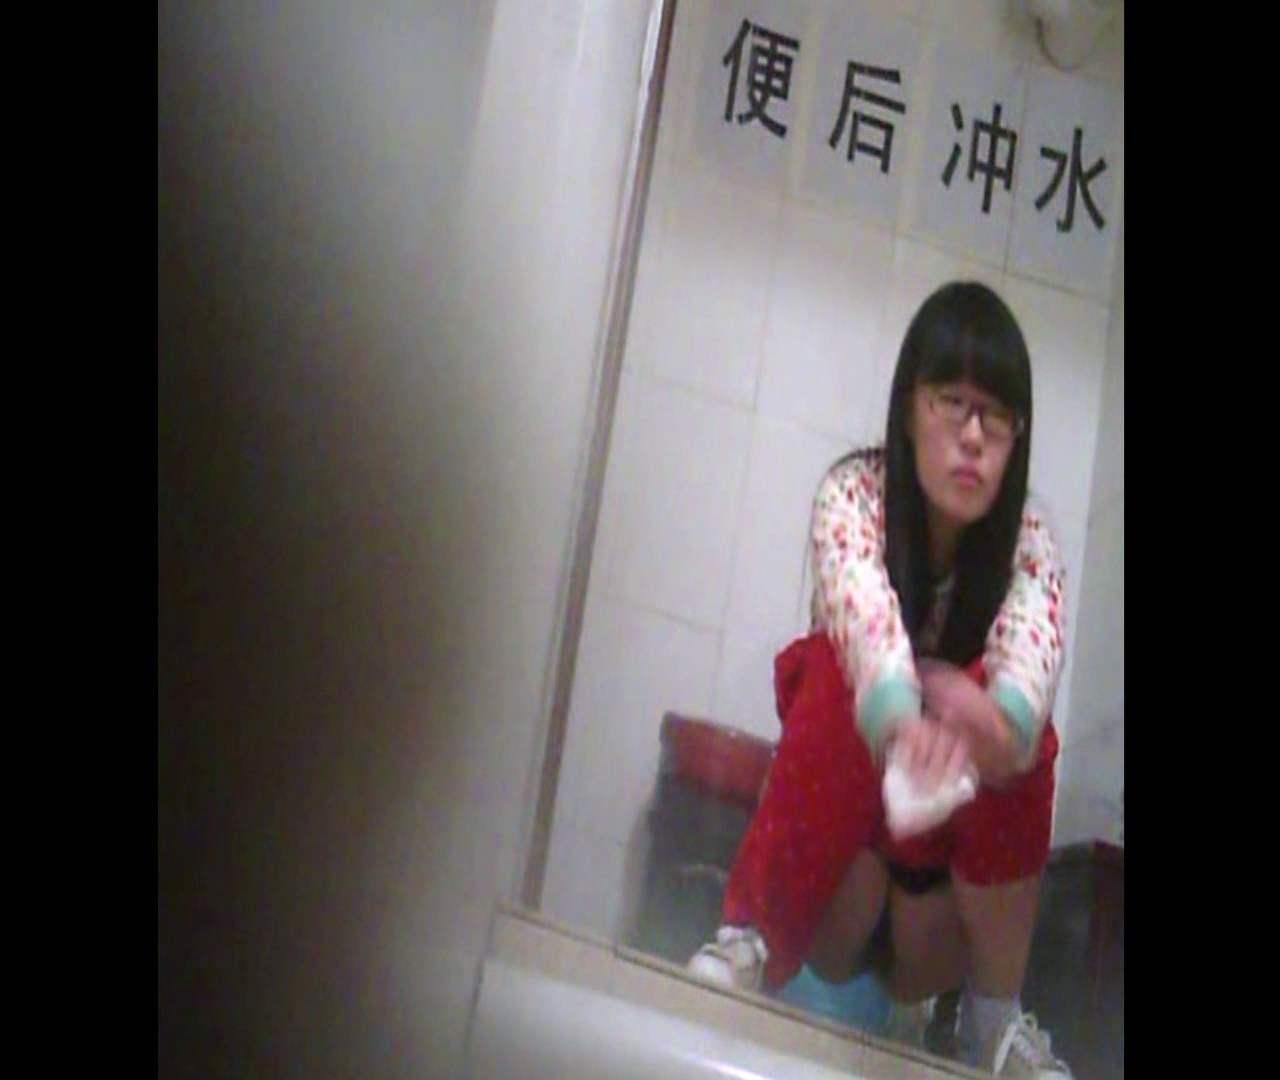 エッチ 熟女 Vol.01 赤のパンツスタイルがとっても眩しい!! 怪盗ジョーカー